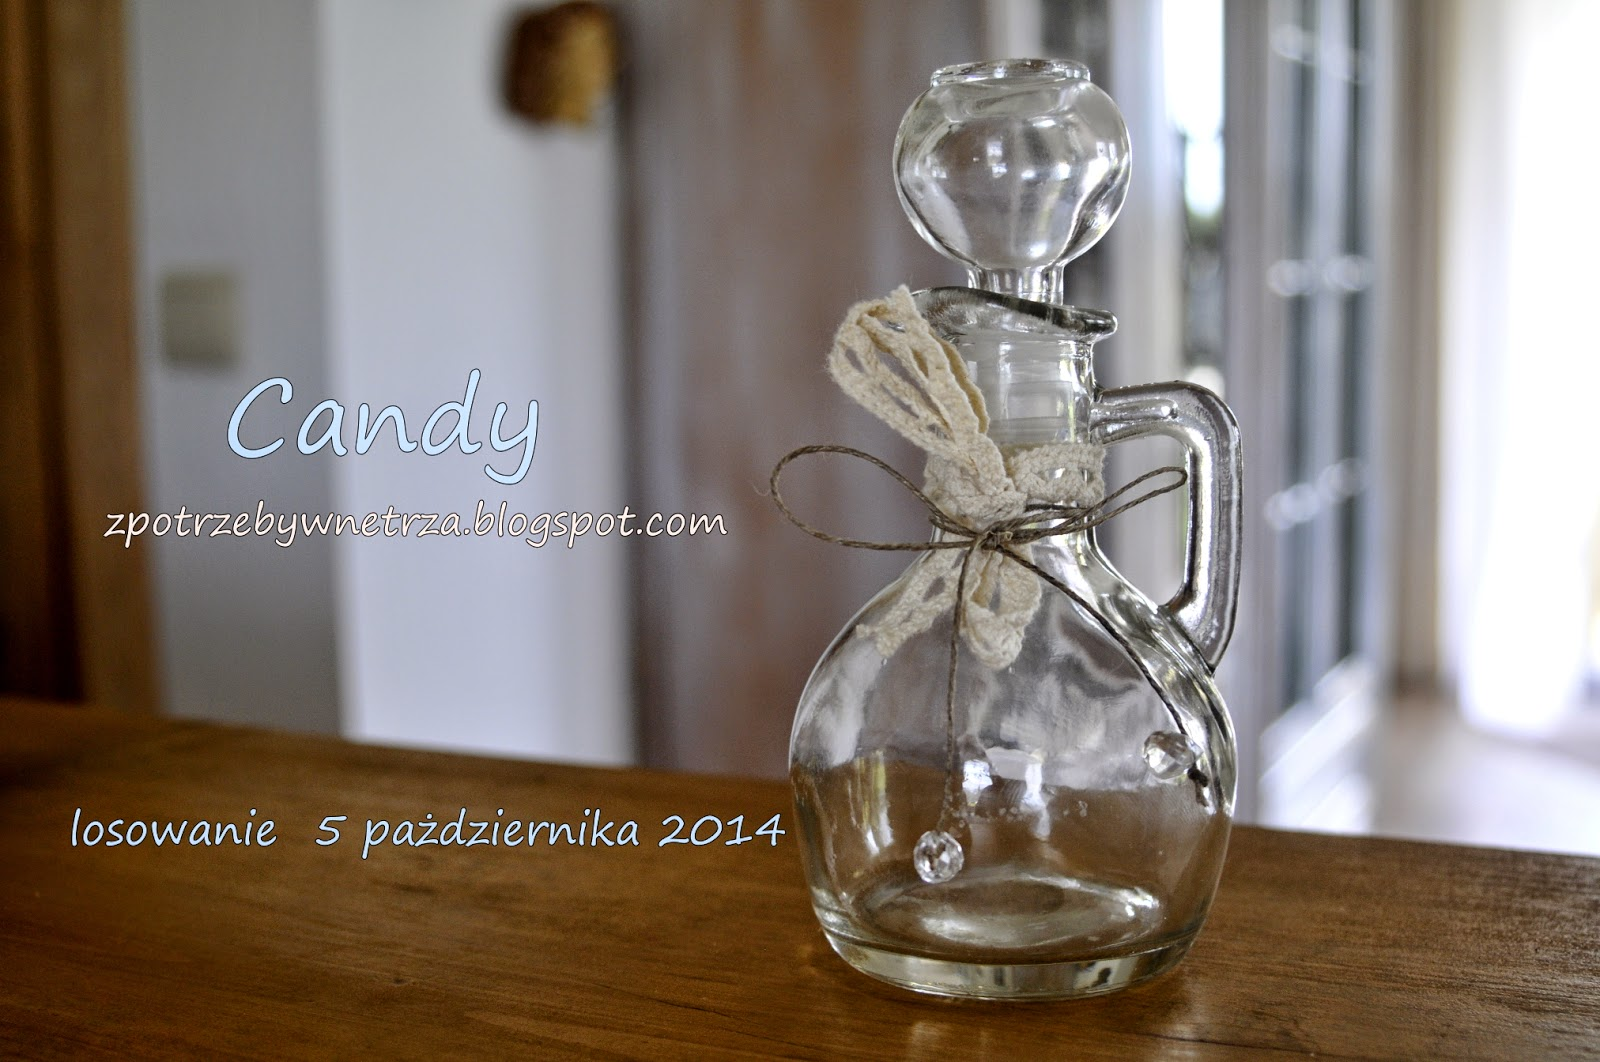 Candy do 5 października